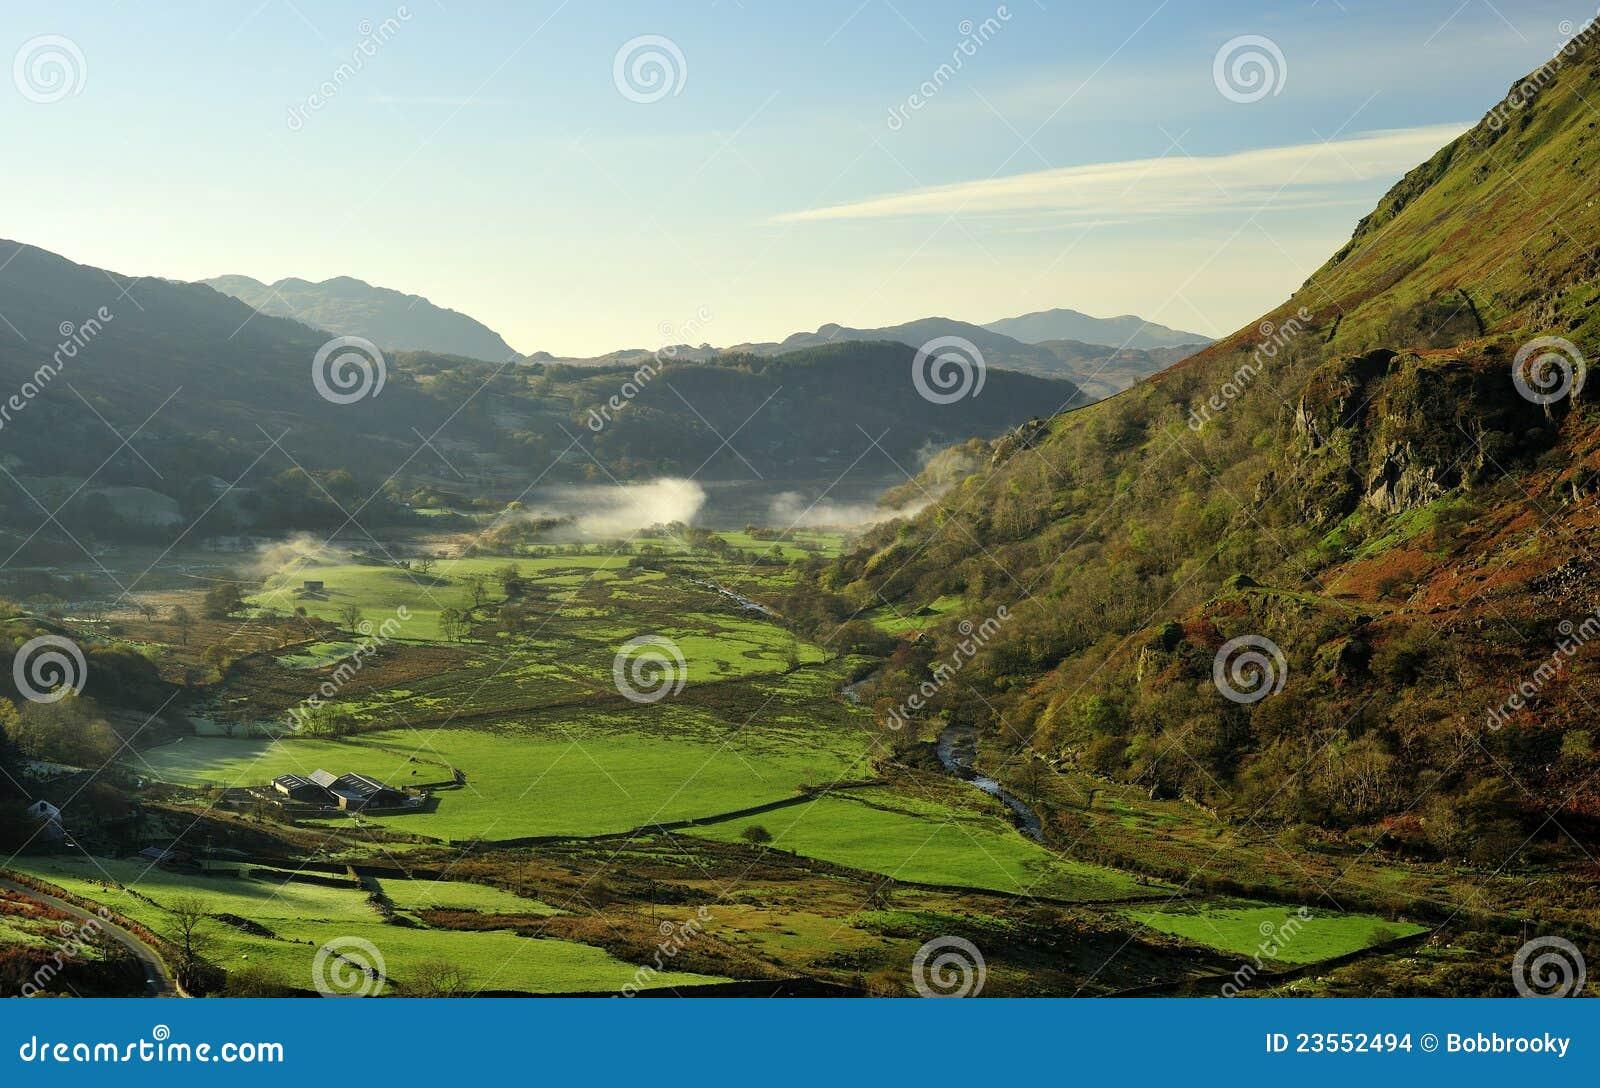 Valle de Nant Gynant, Snowdonia, País de Gales del norte